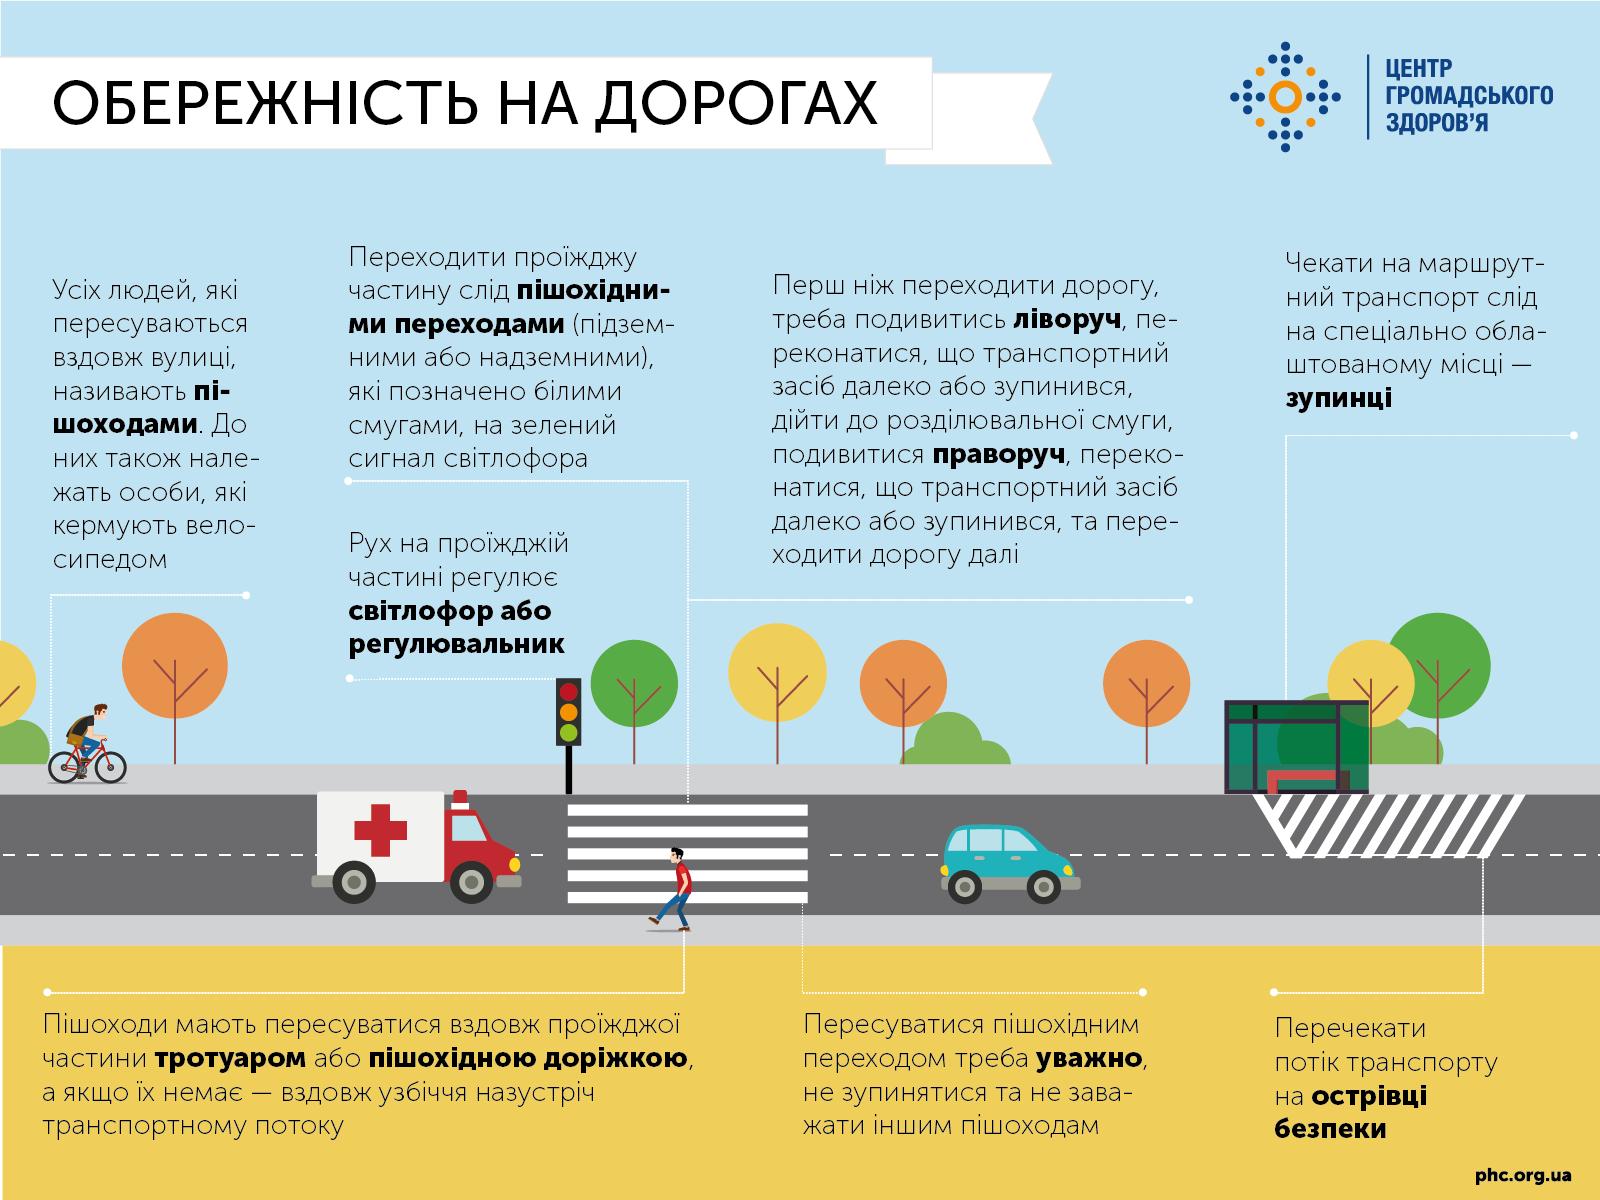 Безпечні канікули: що мають знати діти про обережність на дорогах і дорожні знаки